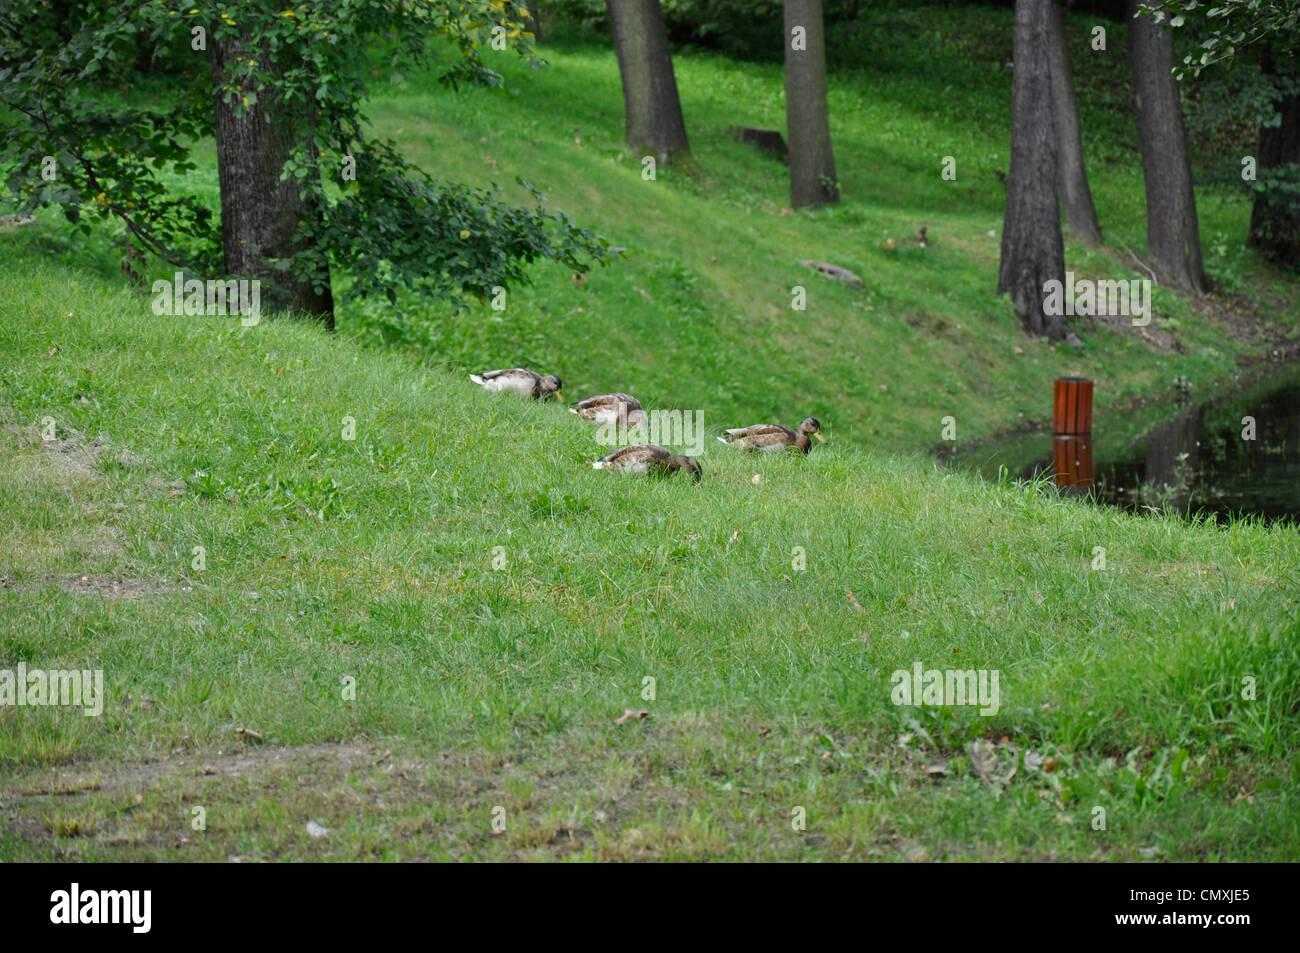 Anatre, uccelli di erba in un parco Immagini Stock